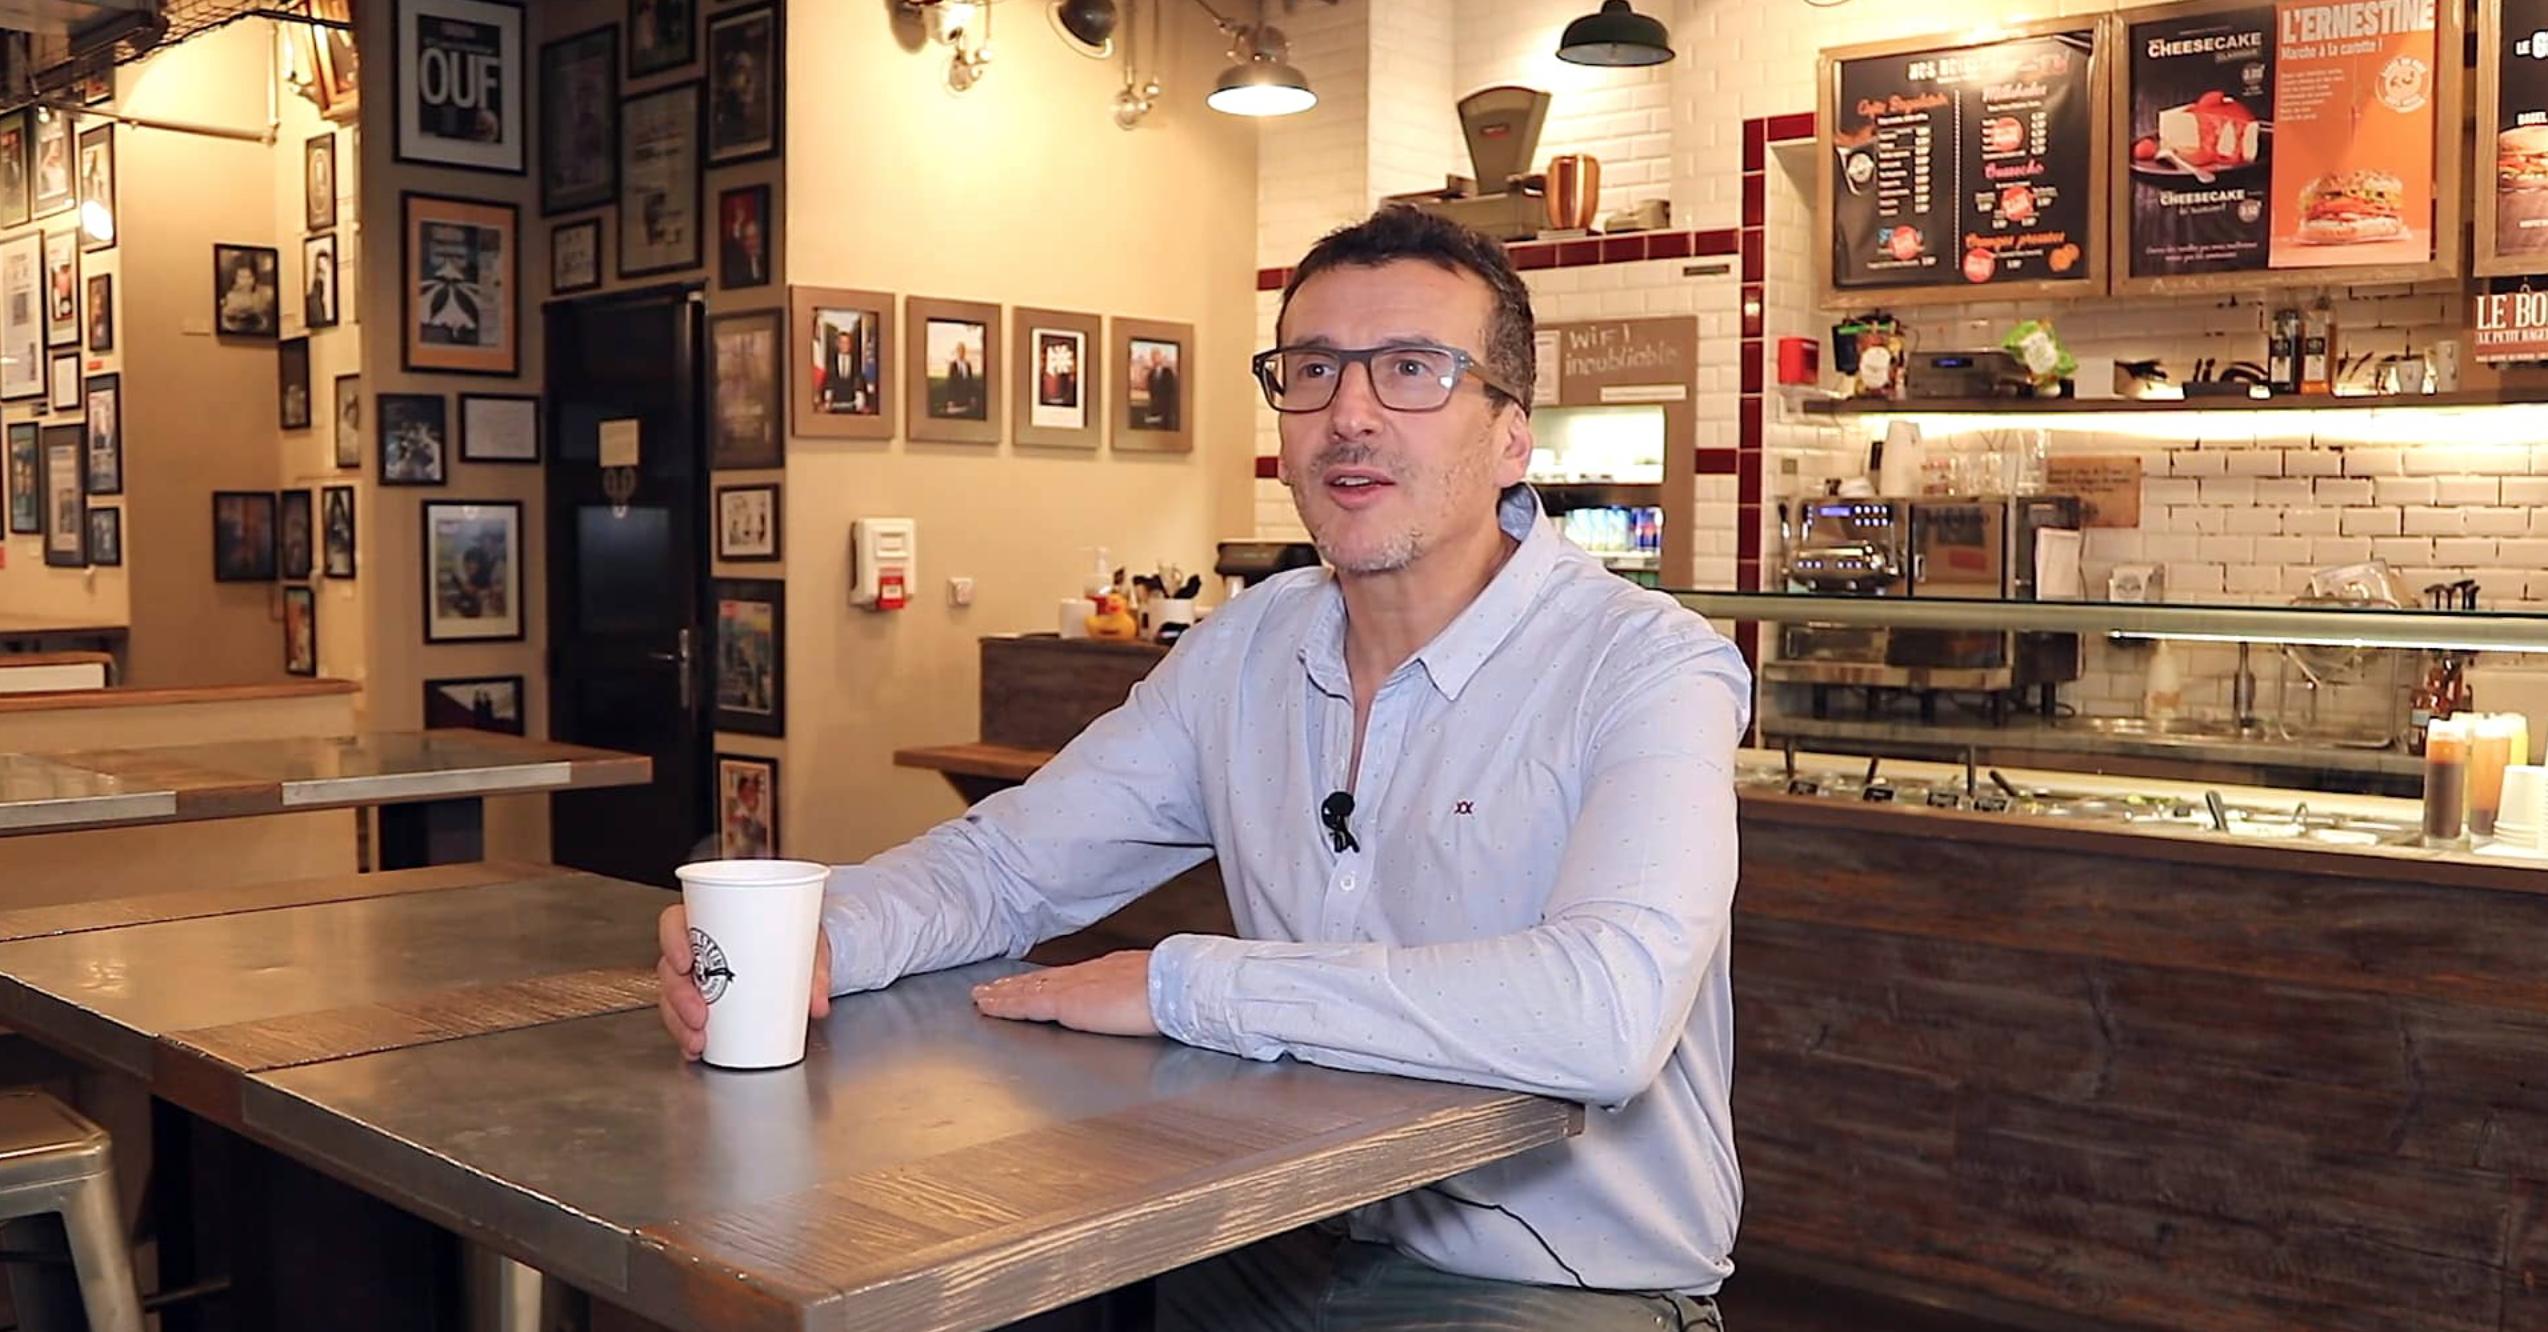 réseau vidéastes professionnels myphotoagency europe interview vidéo food hôtel tech